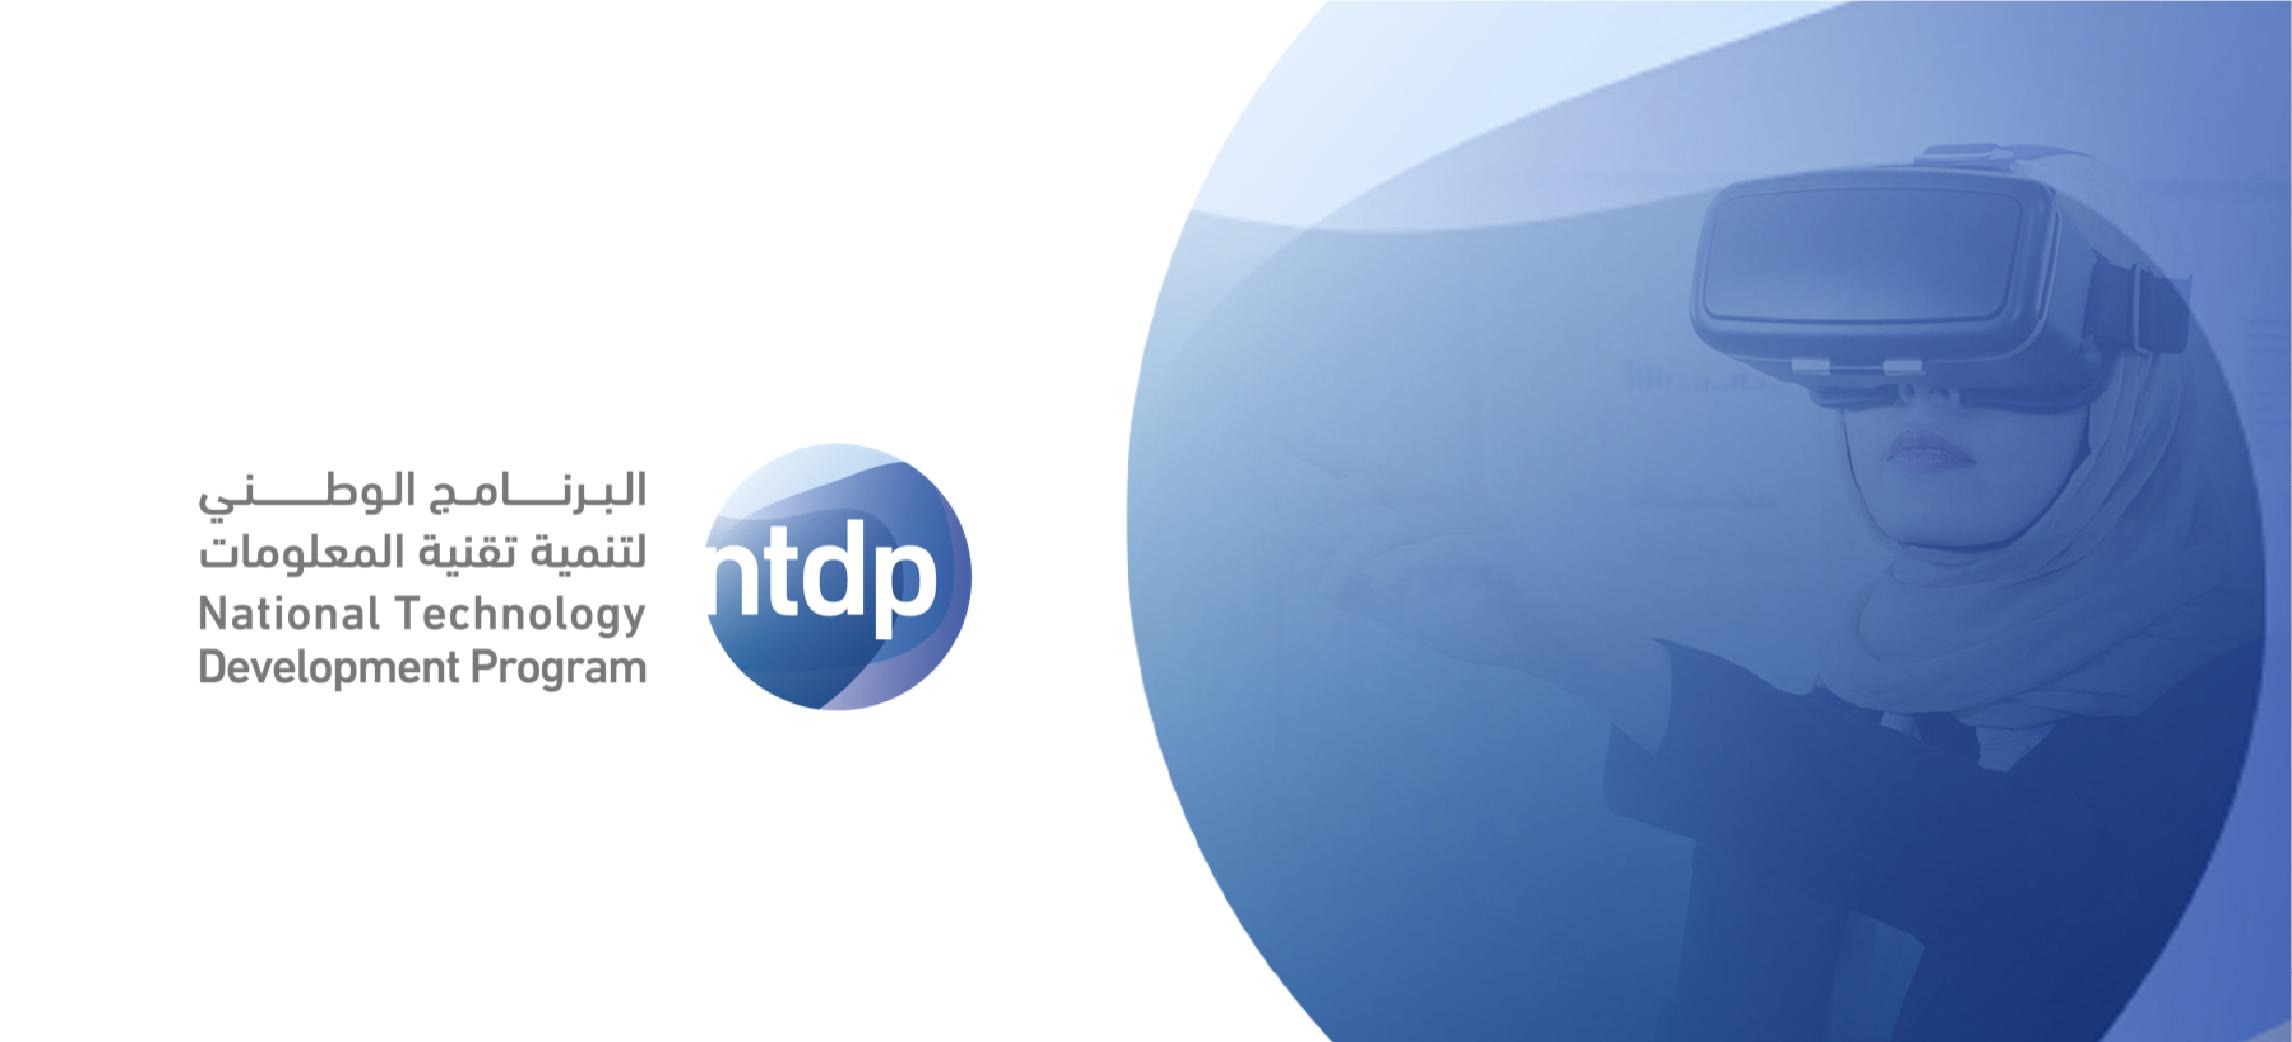 البرنامج الوطني لتنمية قطاع تقنية المعلومات يطلق مبادرة «تمويل نمو التقنية» بالتعاون مع كفالة